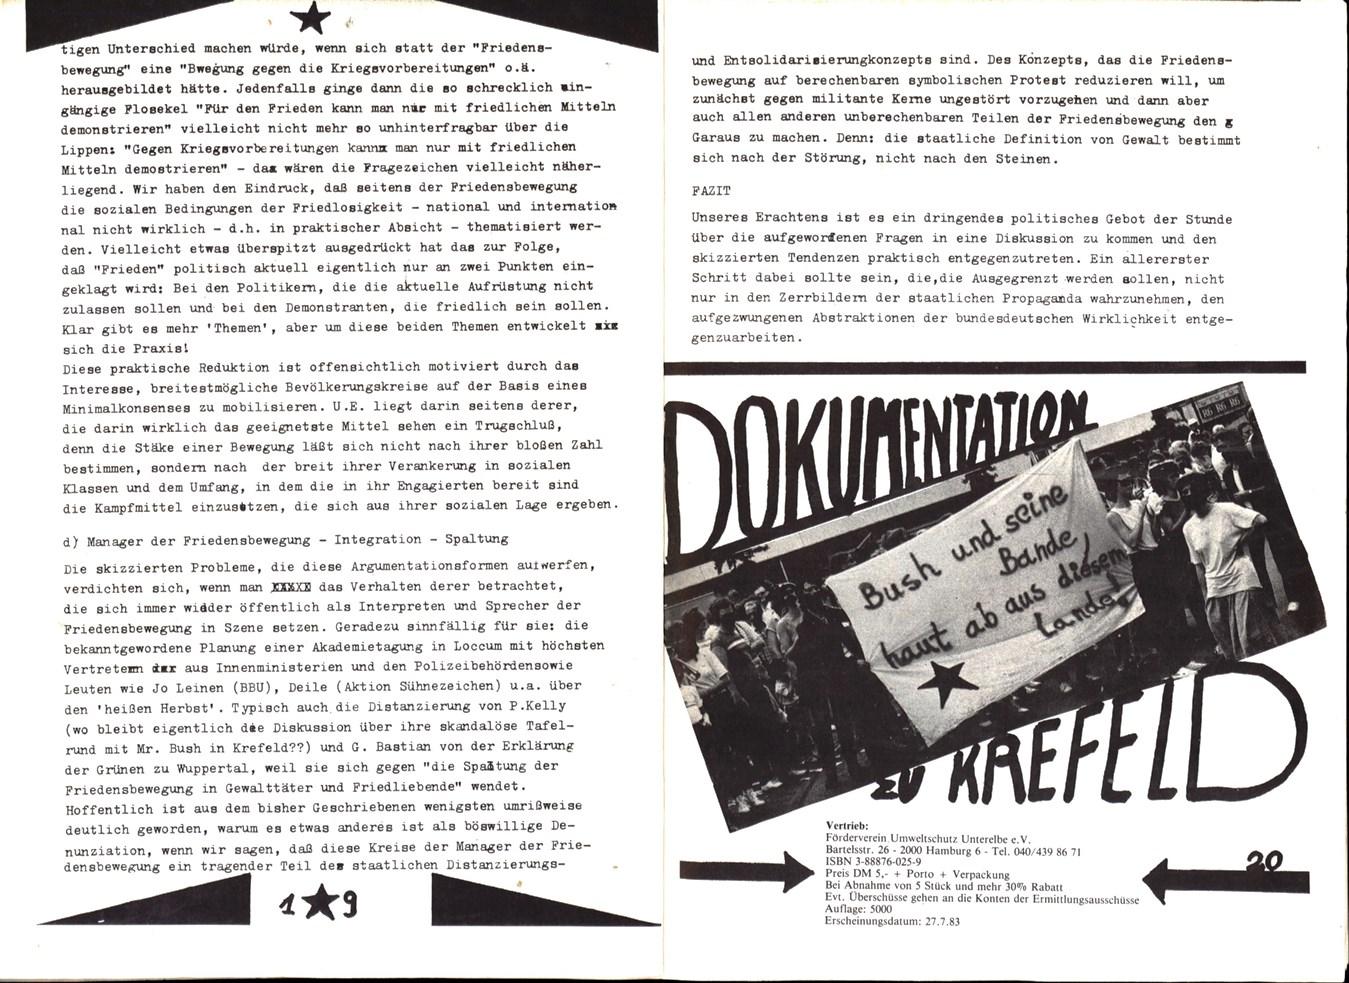 NRW_AKW_LKNRW_19830821_44_11